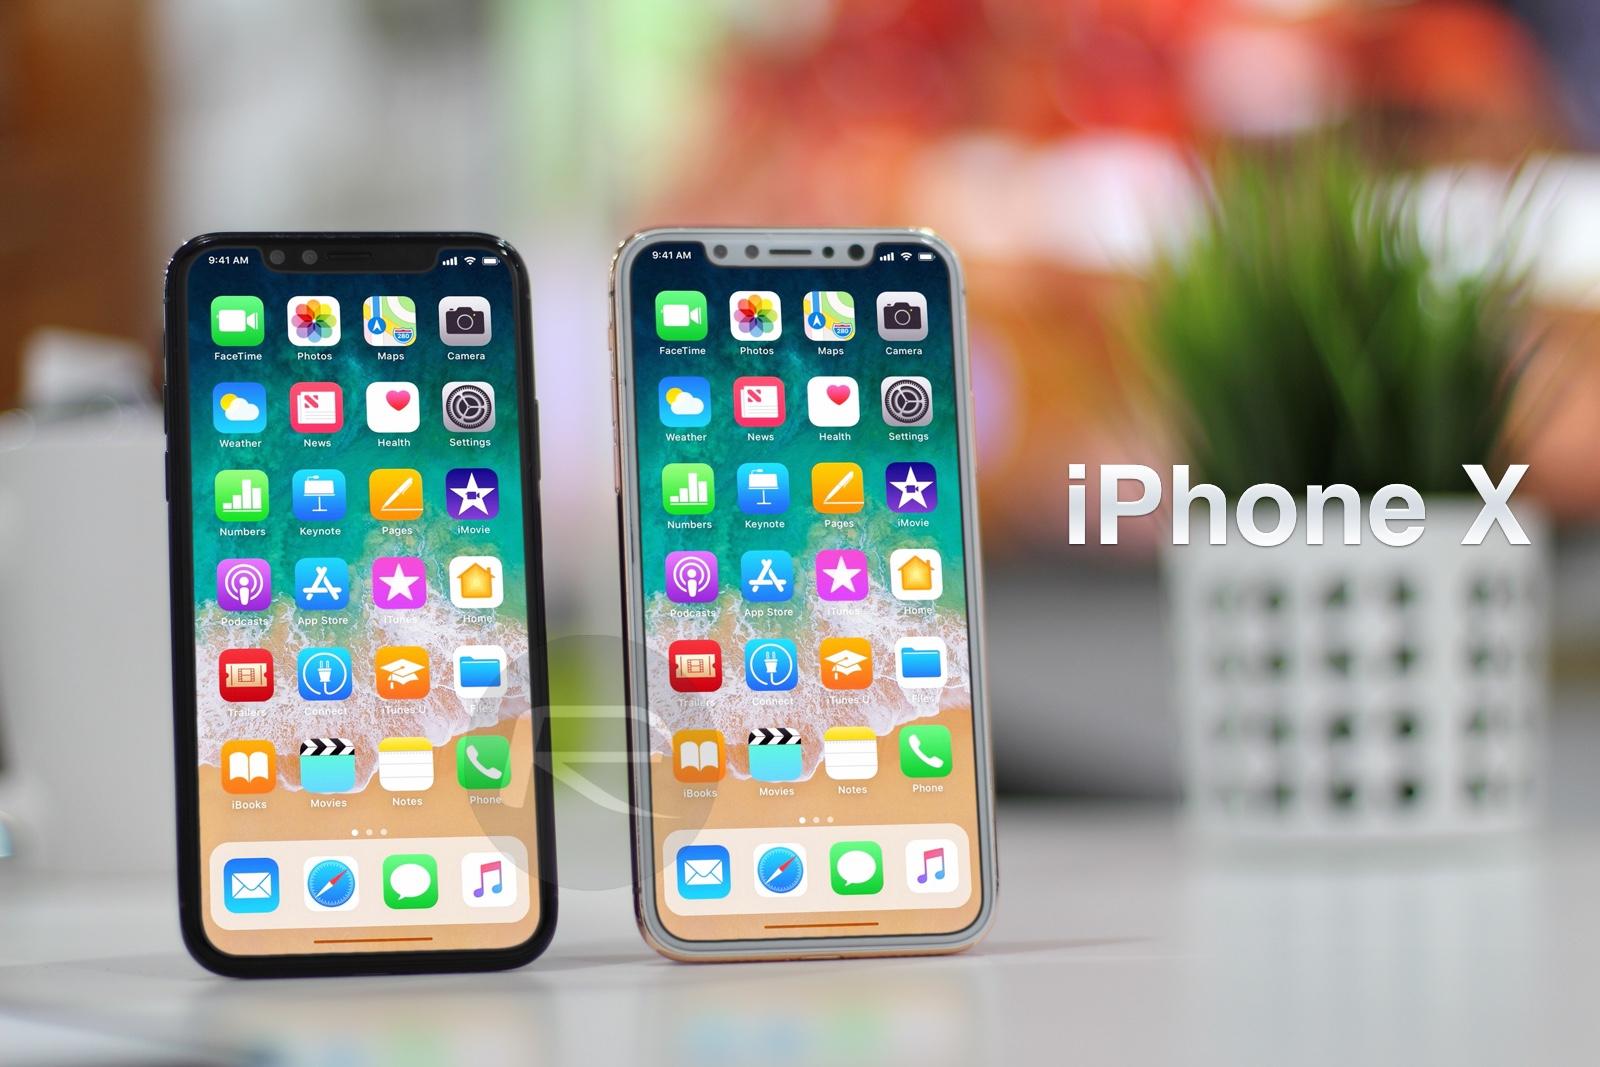 iPhone X lideraría en el aspecto fotográfico